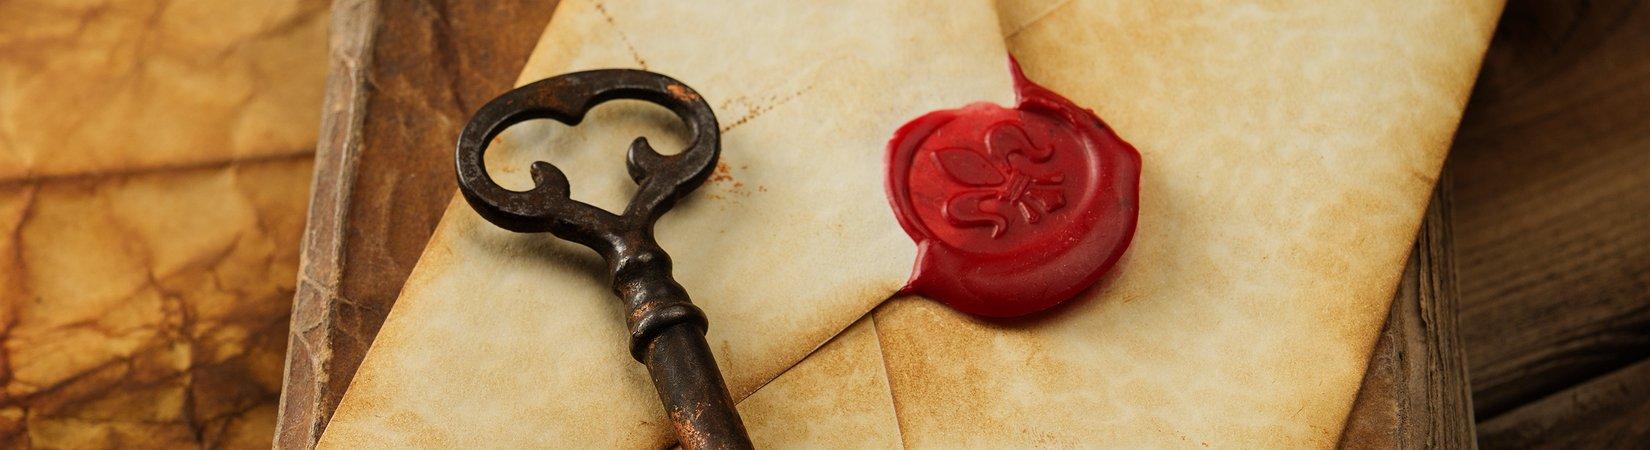 Cómo crear una cartera de papel para criptomonedas: Guía paso a paso